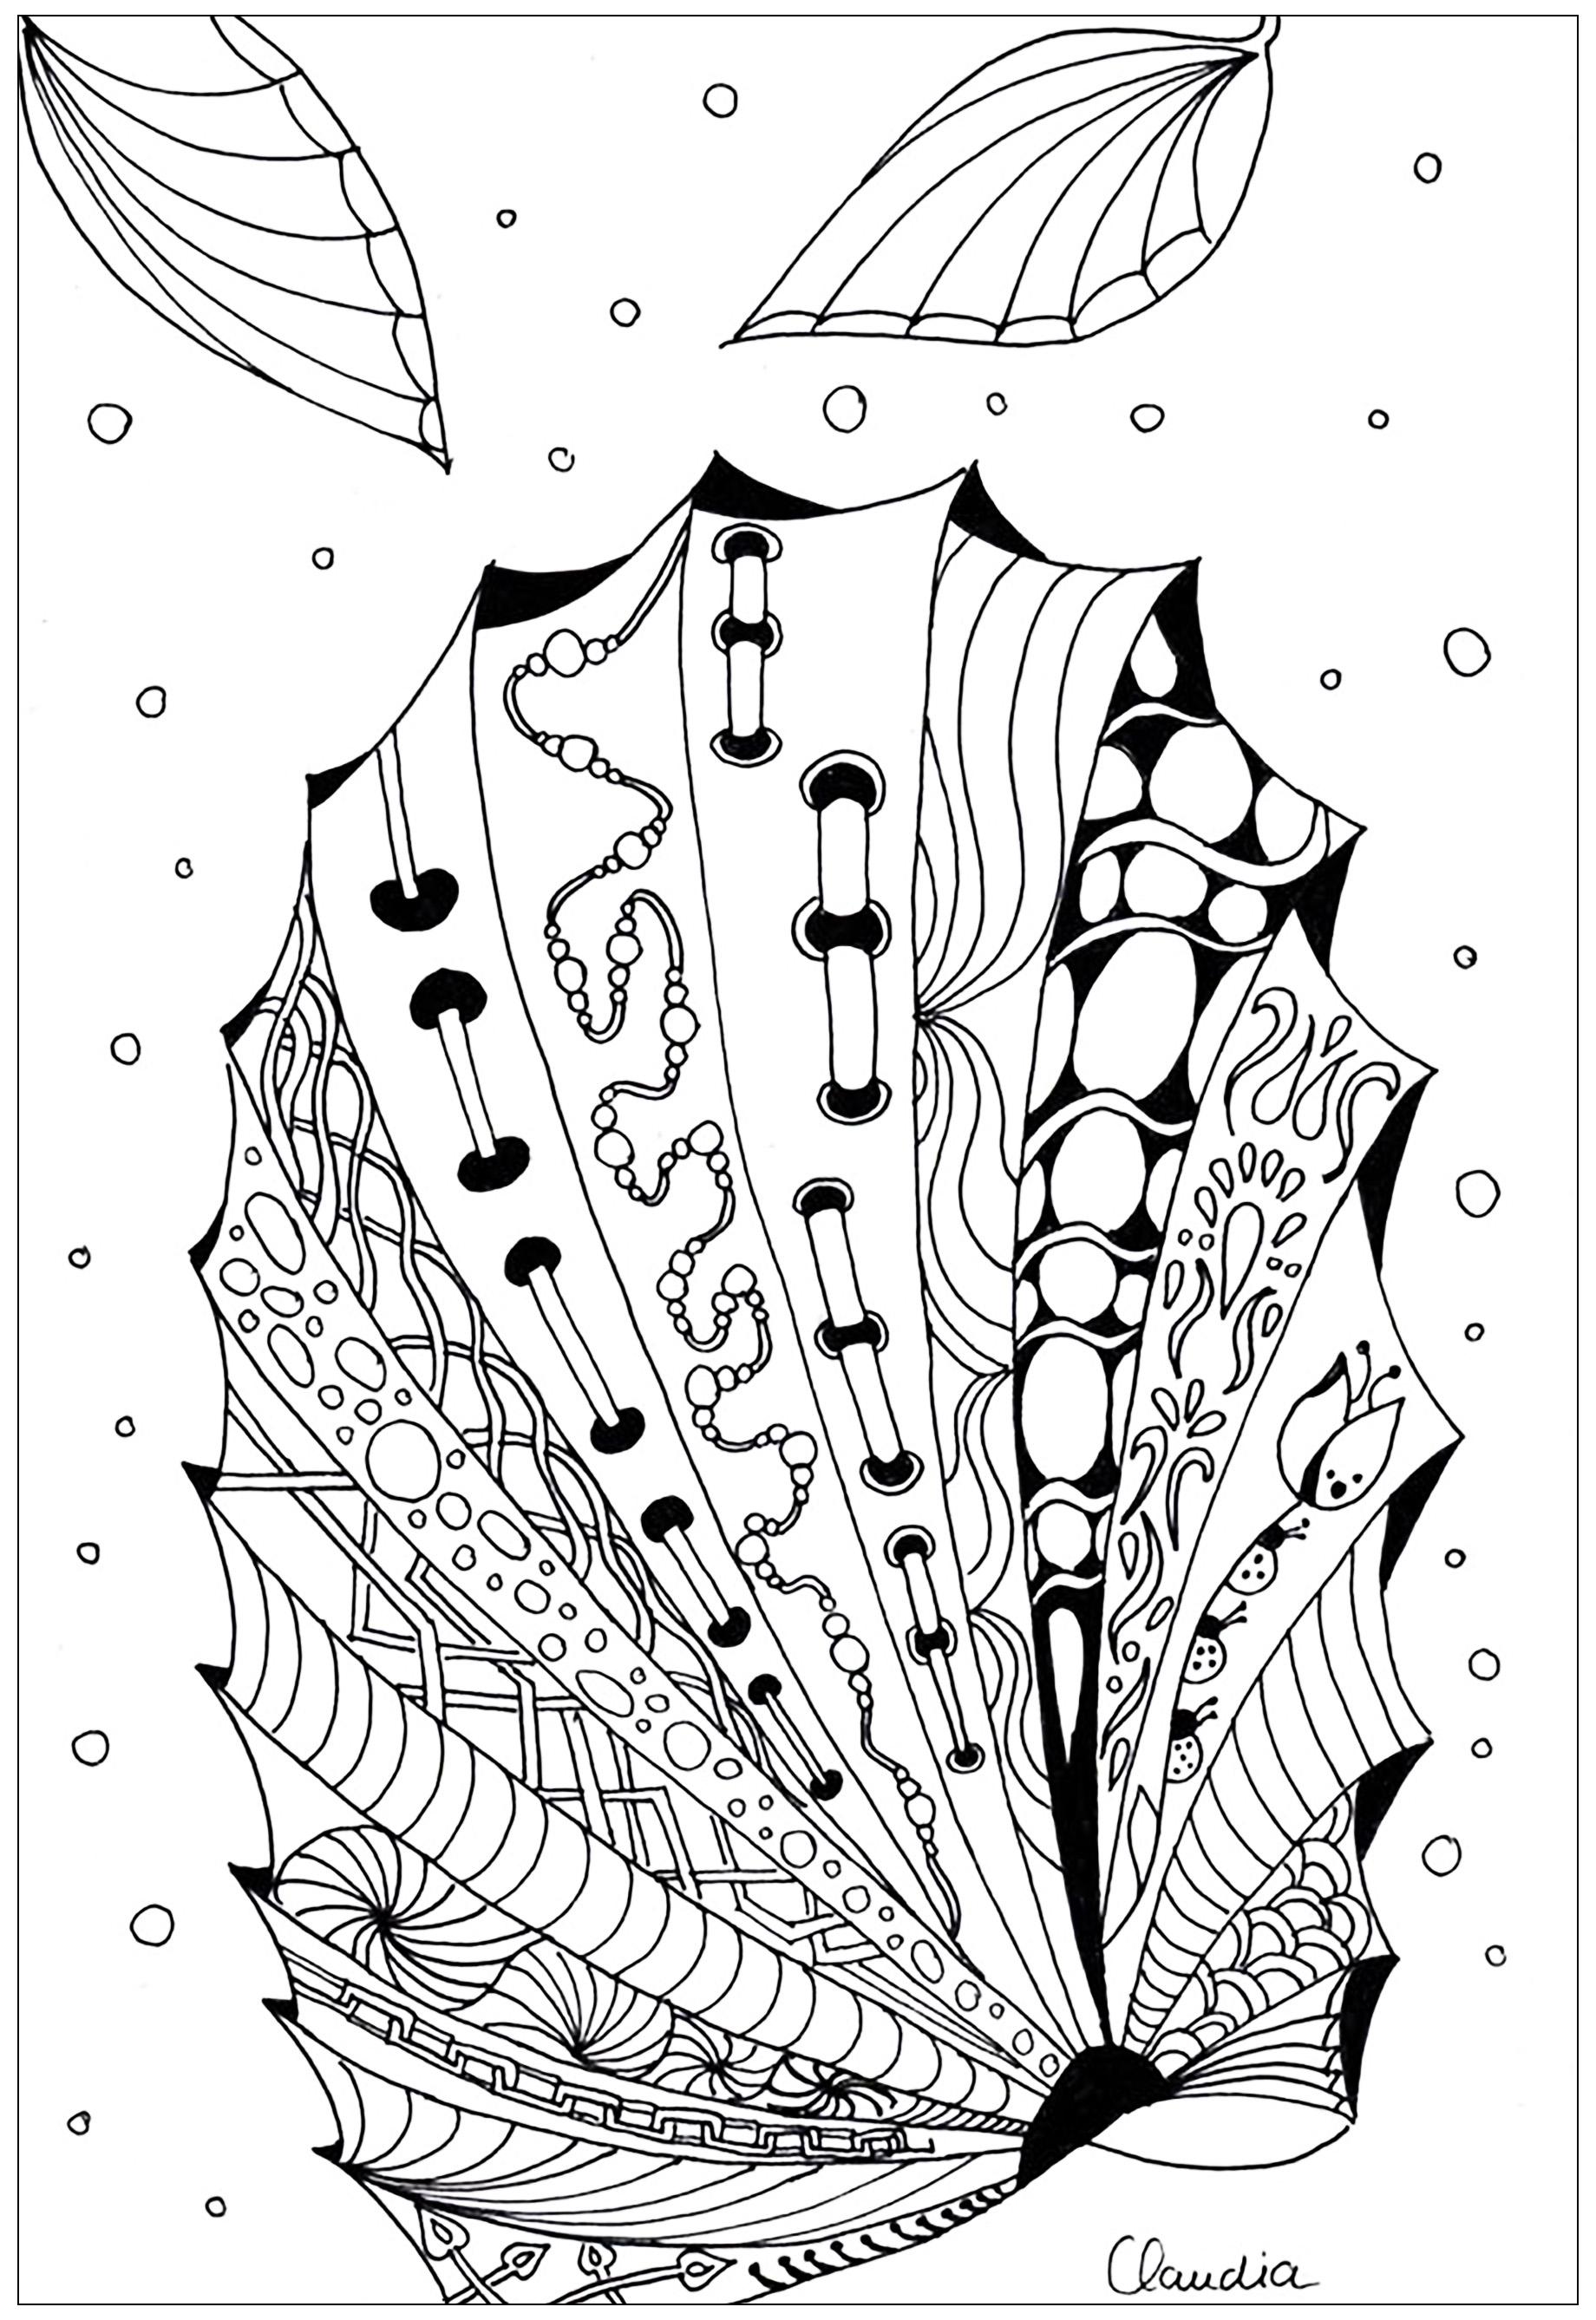 Disegni da colorare per adulti : Zentangle - 46